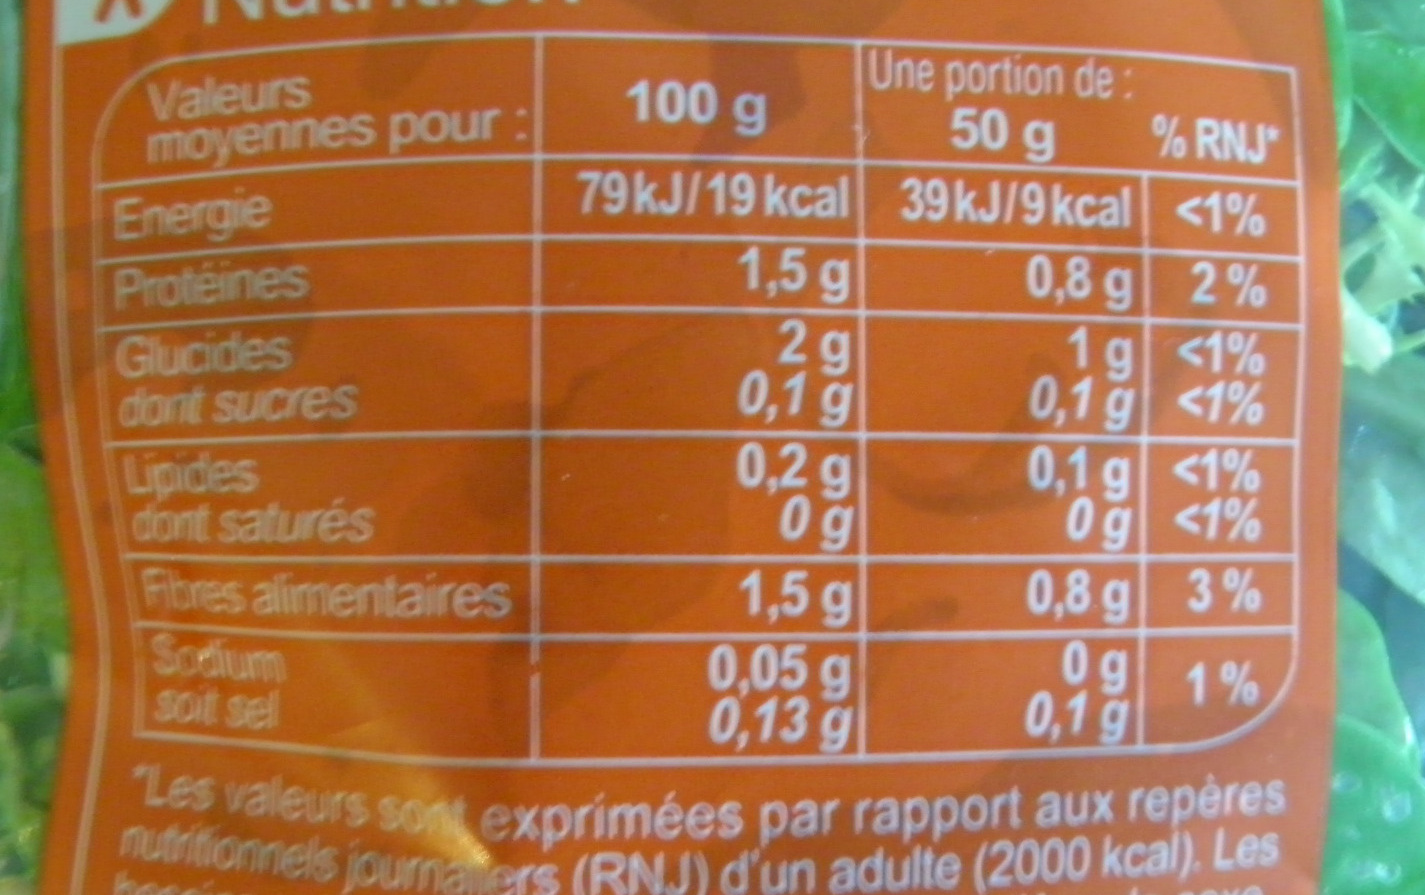 Salade prête à consommer, Mélange Gourmand (4 portions) - Informations nutritionnelles